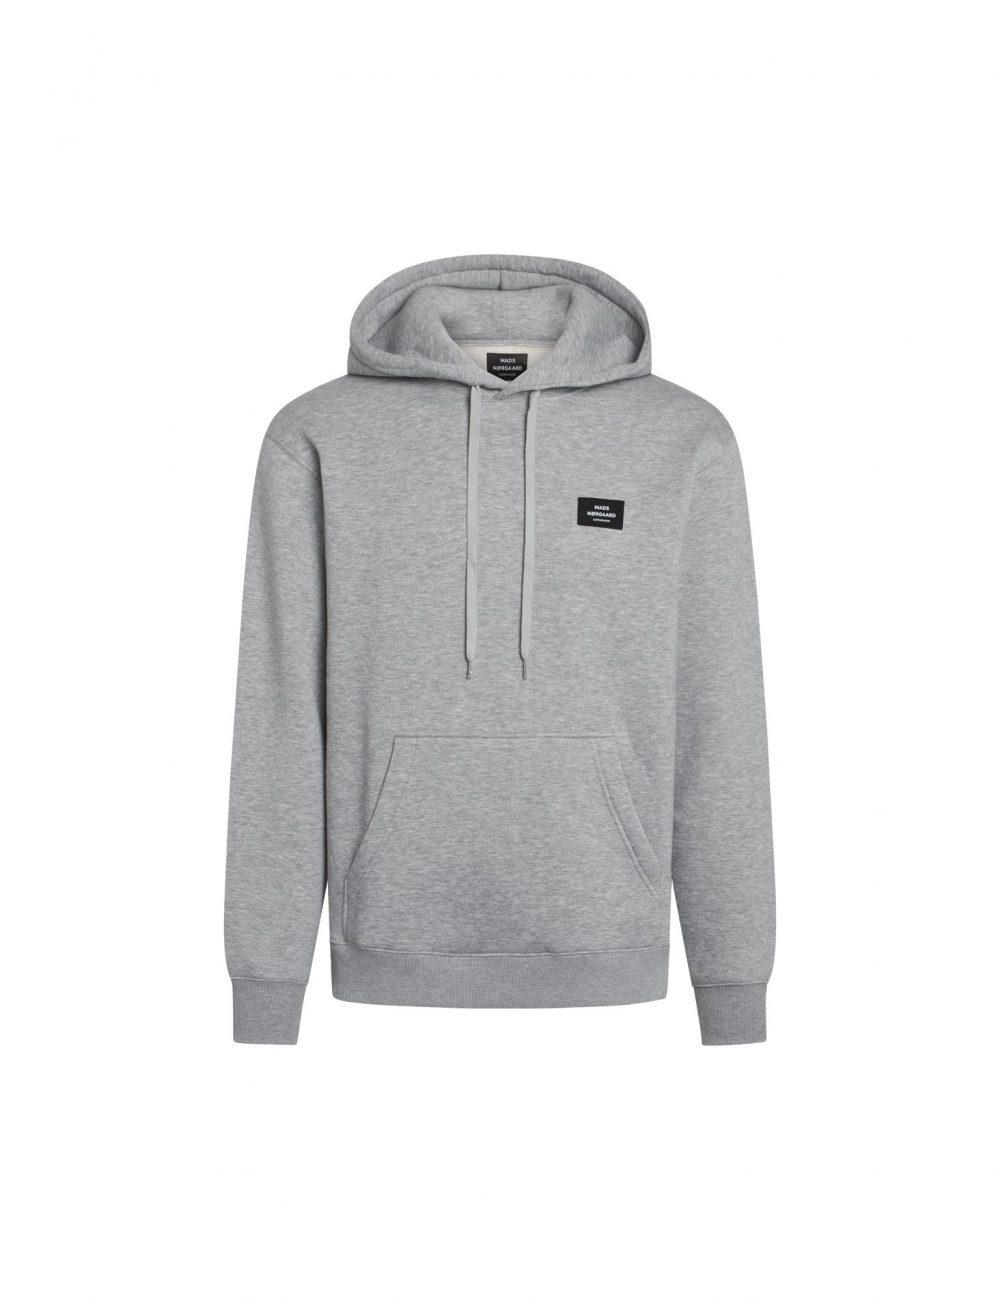 New Standard Hoodie Grey